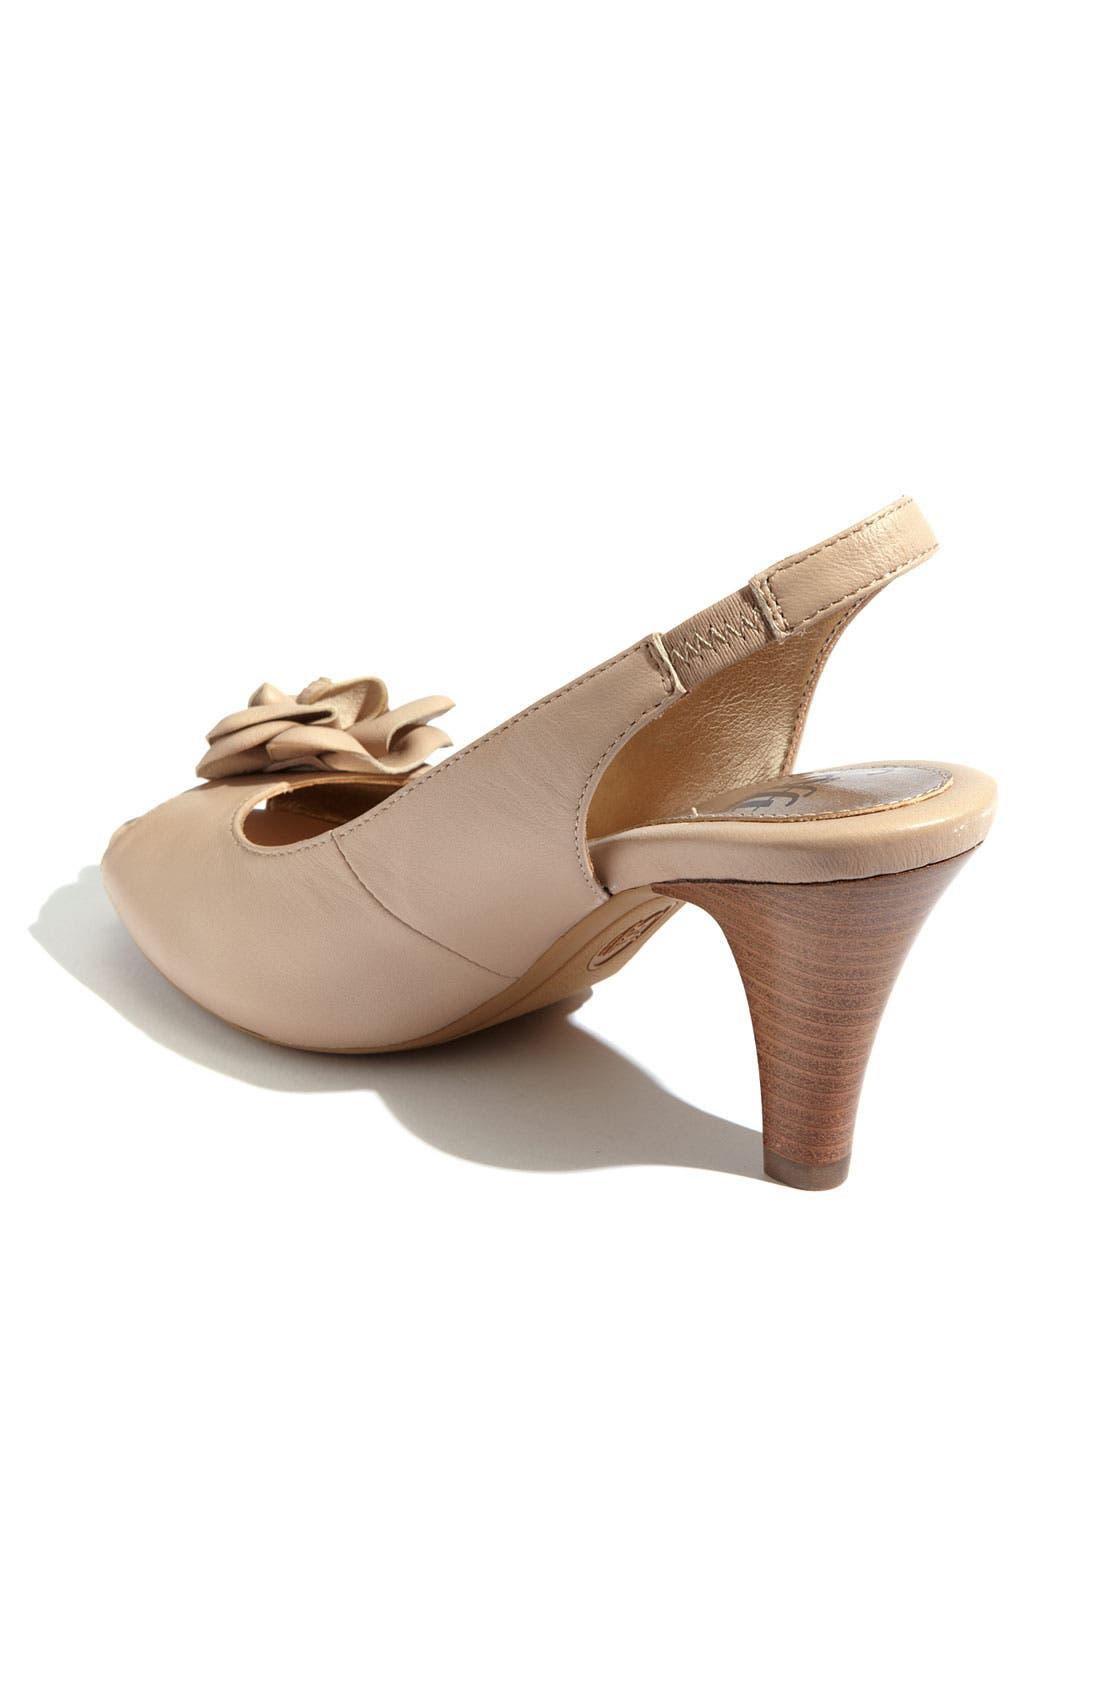 Alternate Image 2  - Söfft 'Gironne' Slingback Sandal